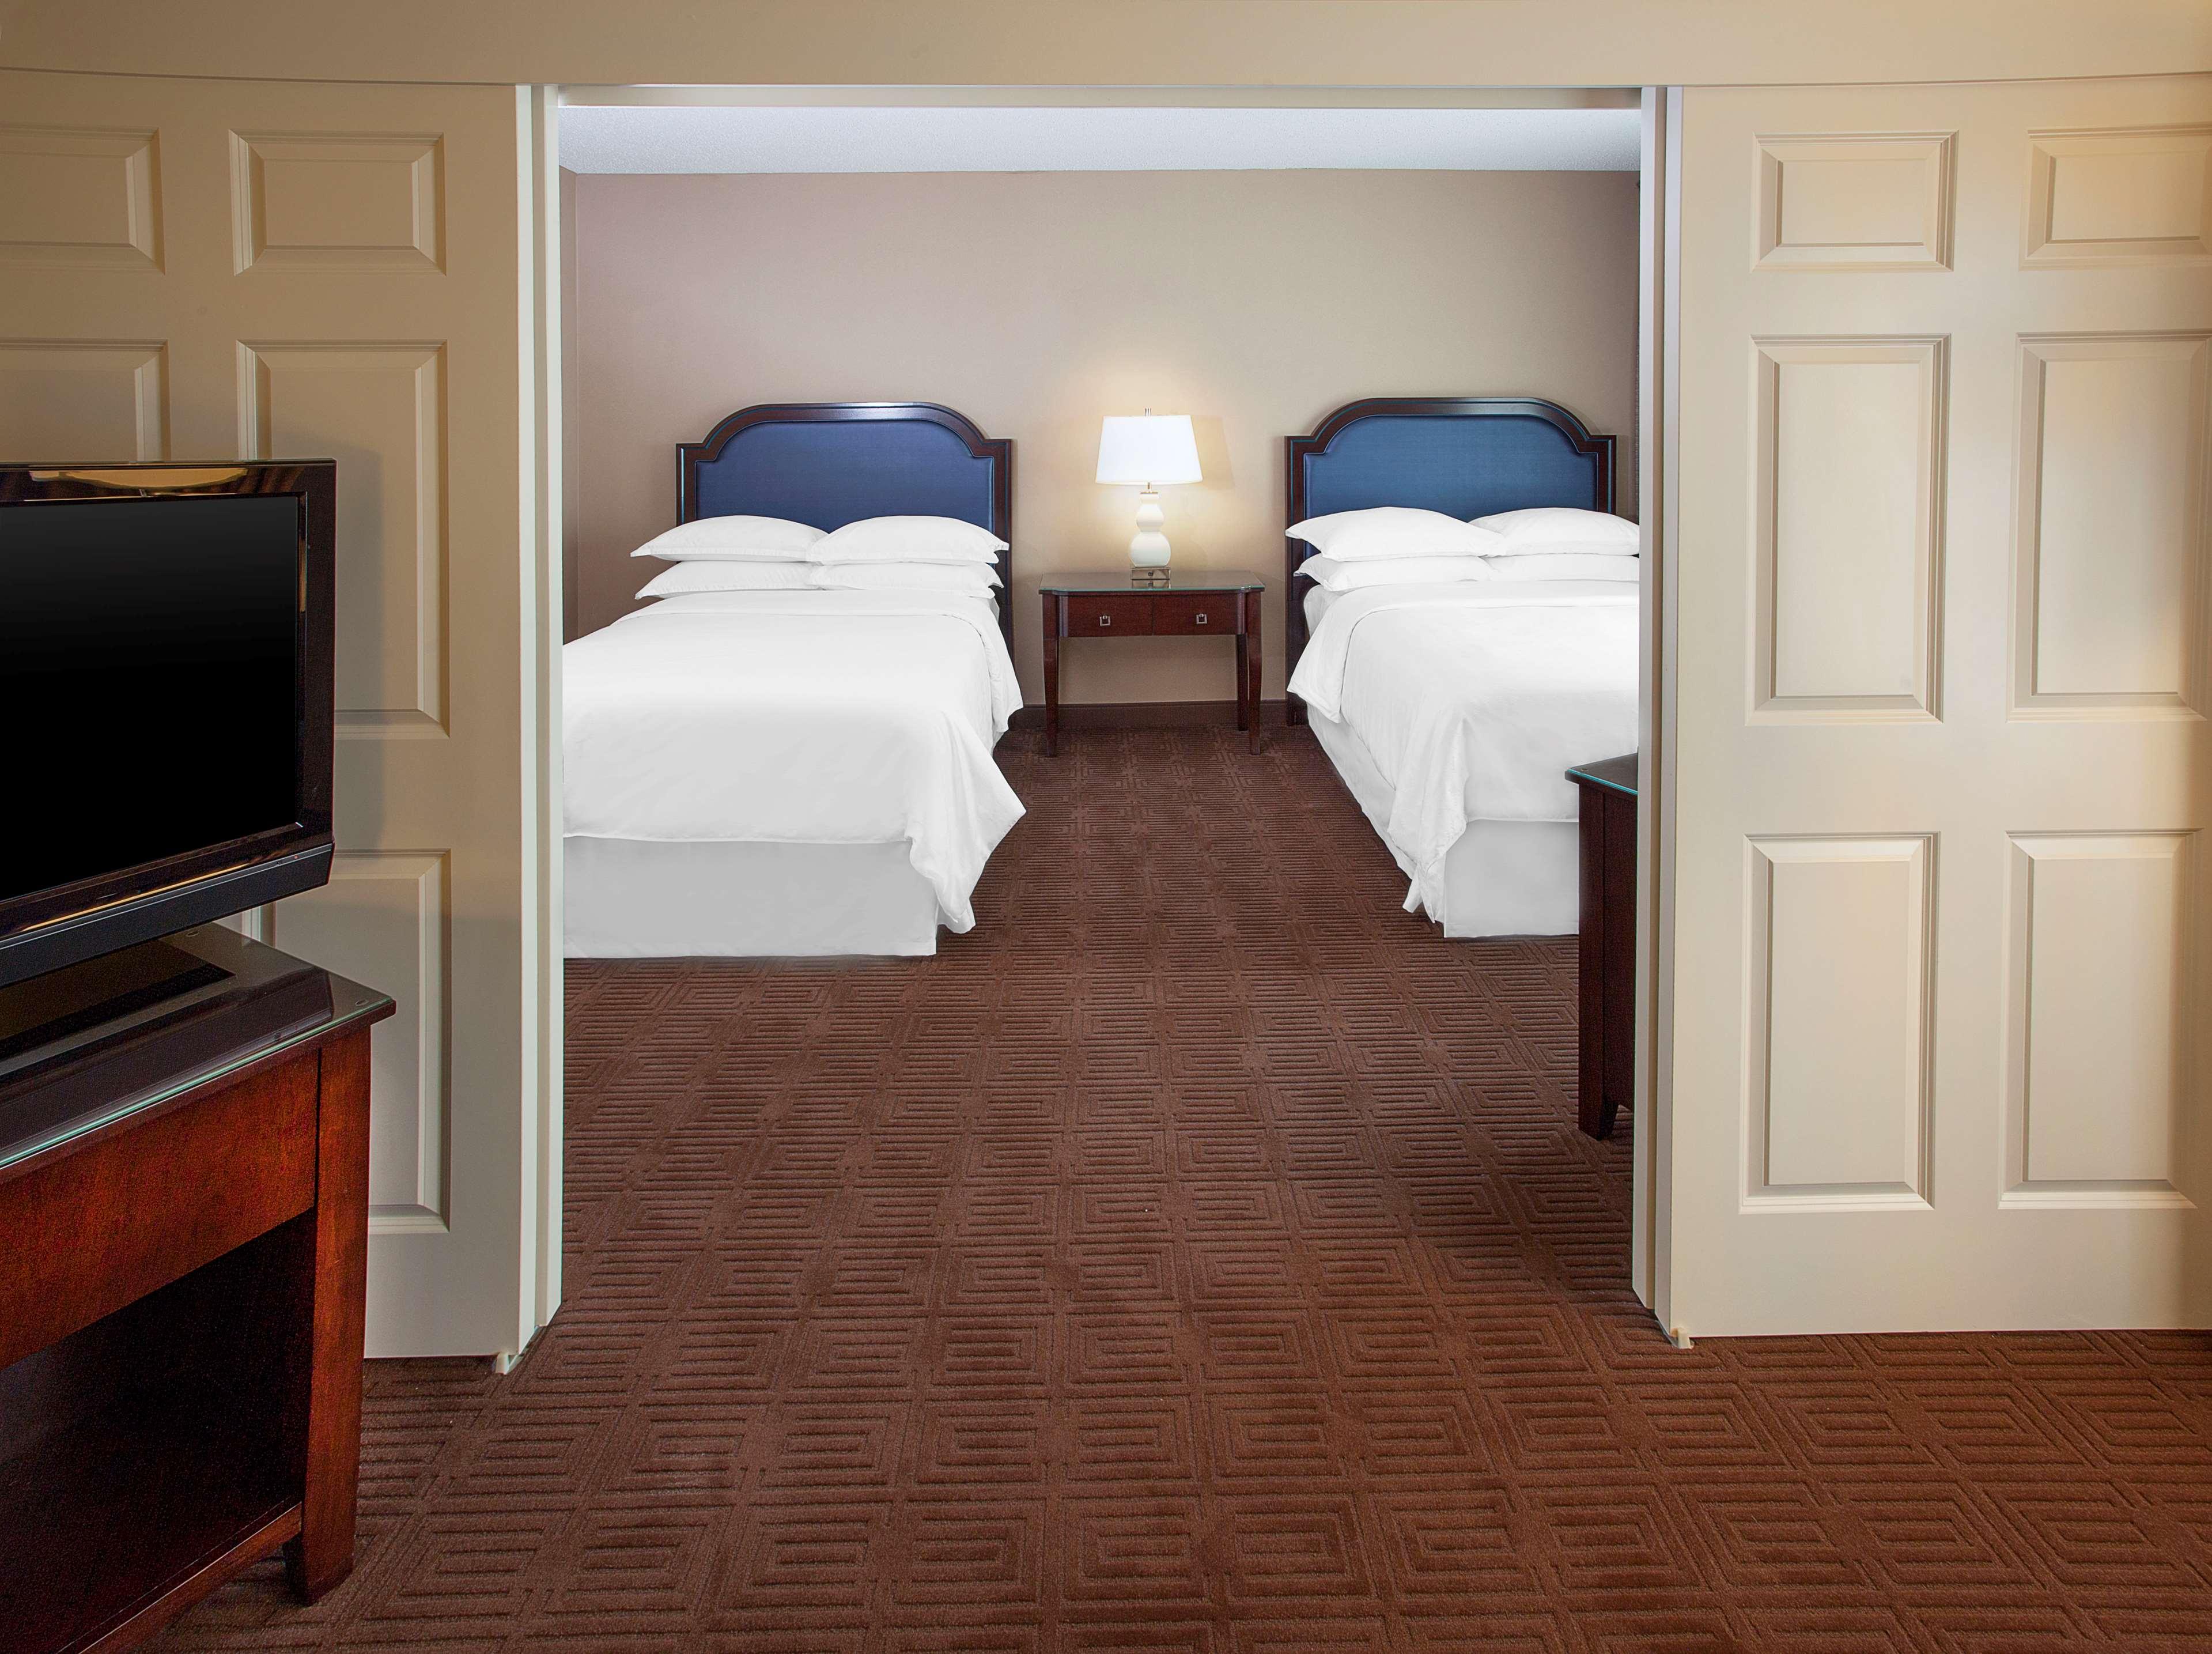 Sheraton Suites Houston Near The Galleria image 3